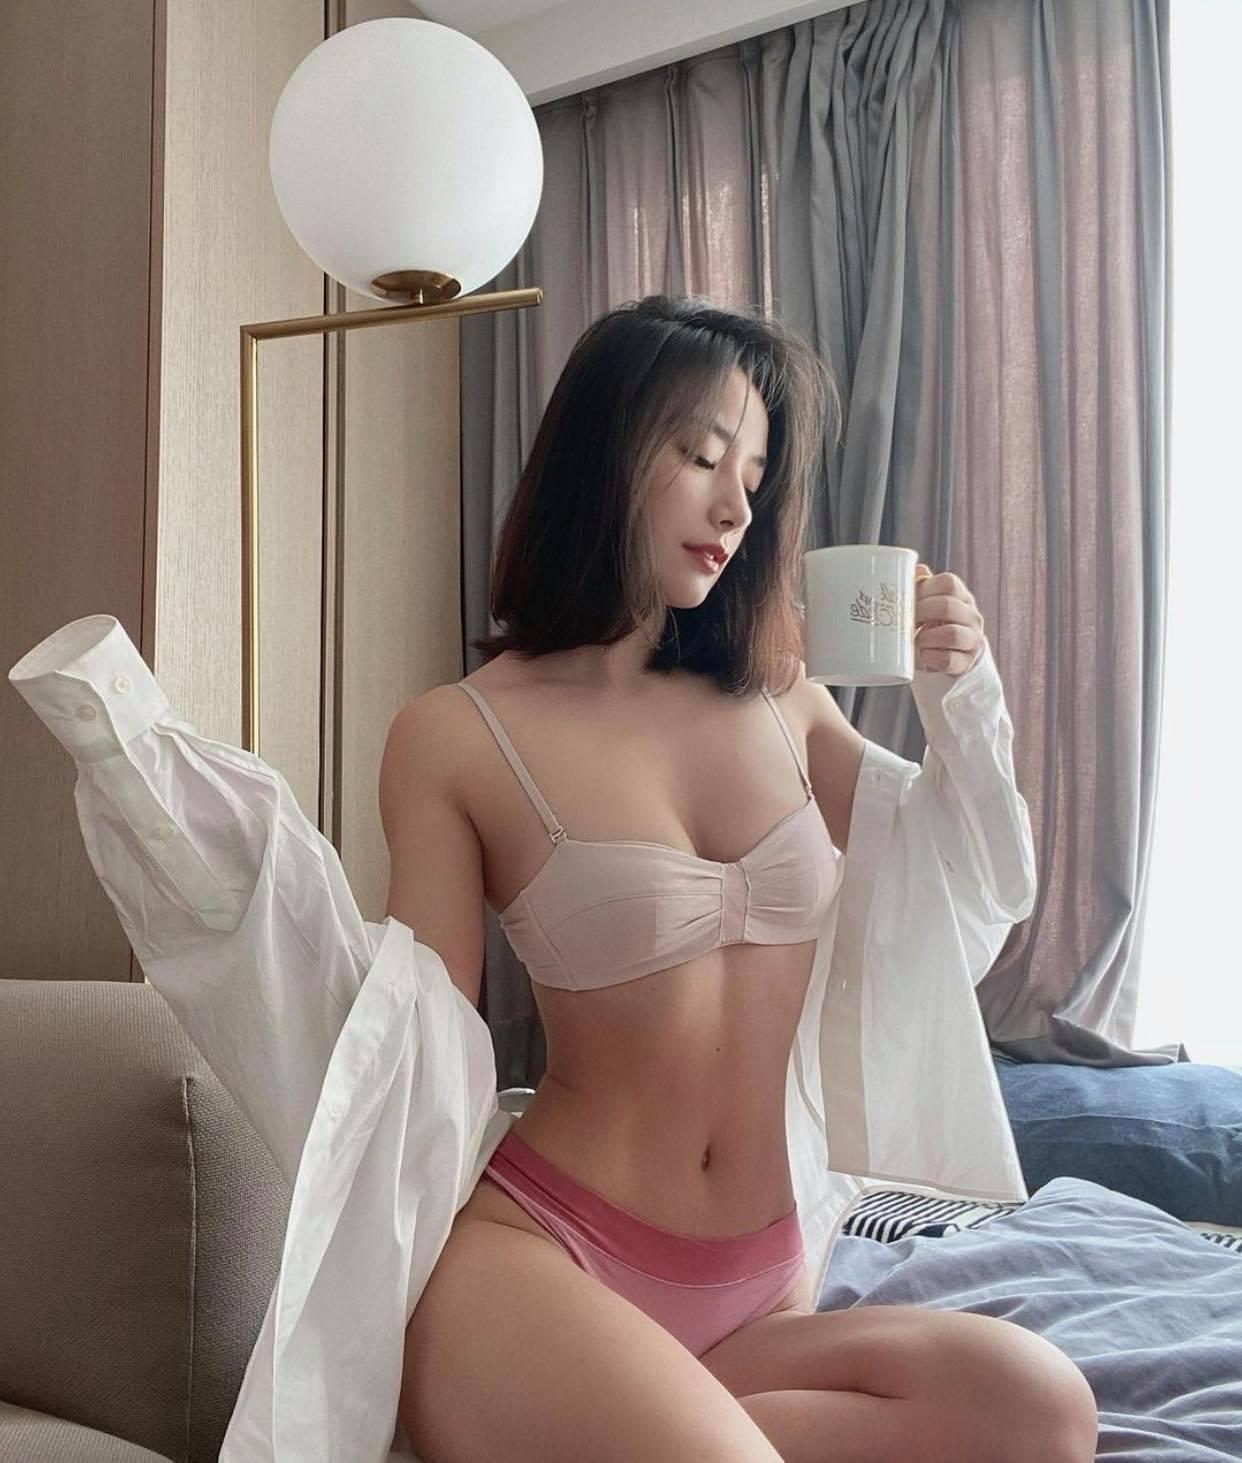 Hot gymer 'thích khoe thân' đẹp bậc nhất xứ Trung vẫn không hạ nhiệt sau 6 năm nổi tiếng, đúng là 'gừng càng già càng cay' - Ảnh 4